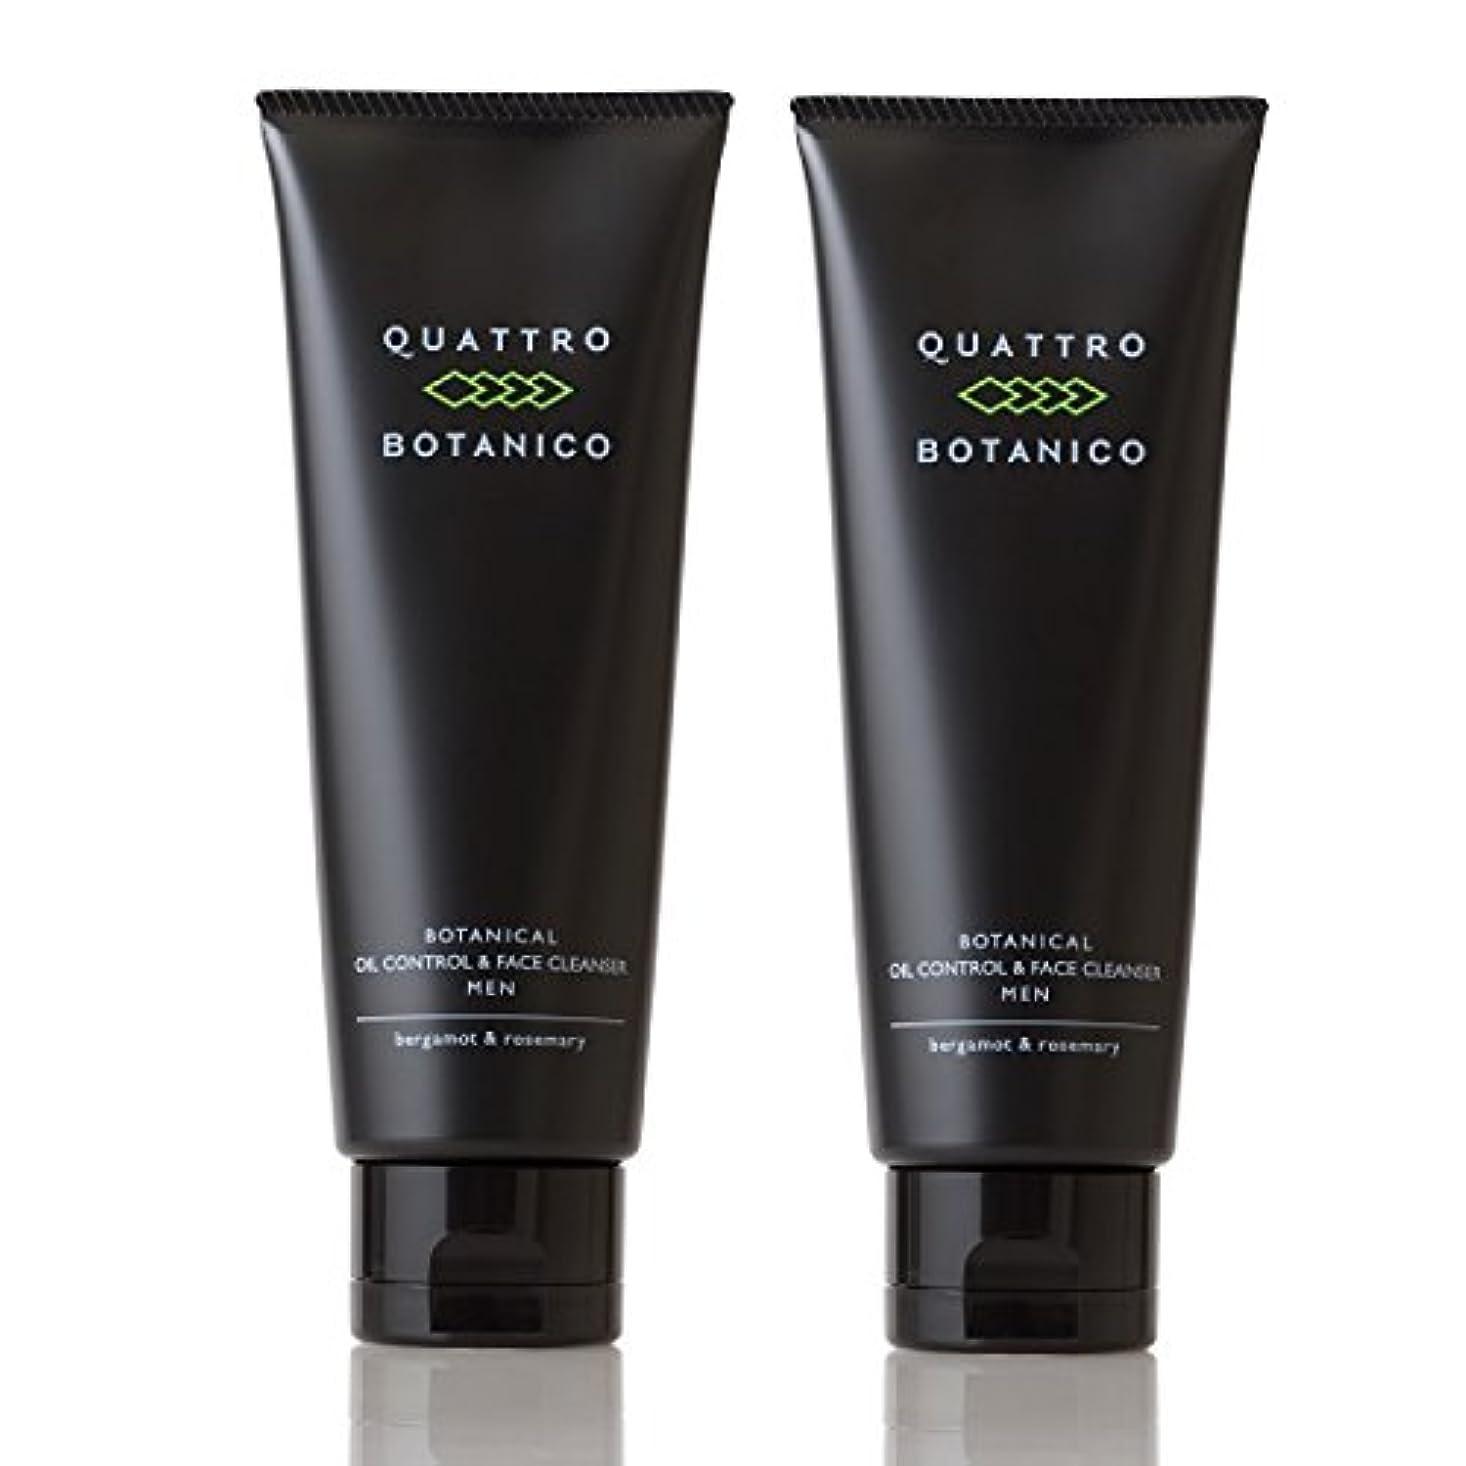 マリナーペデスタル背の高いクワトロボタニコ (QUATTRO BOTANICO) 【 メンズ 洗顔 】 ボタニカル オイルコントロール & フェイスクレンザー (男性 スキンケア) 《お得な2本セット》 120g × 2本